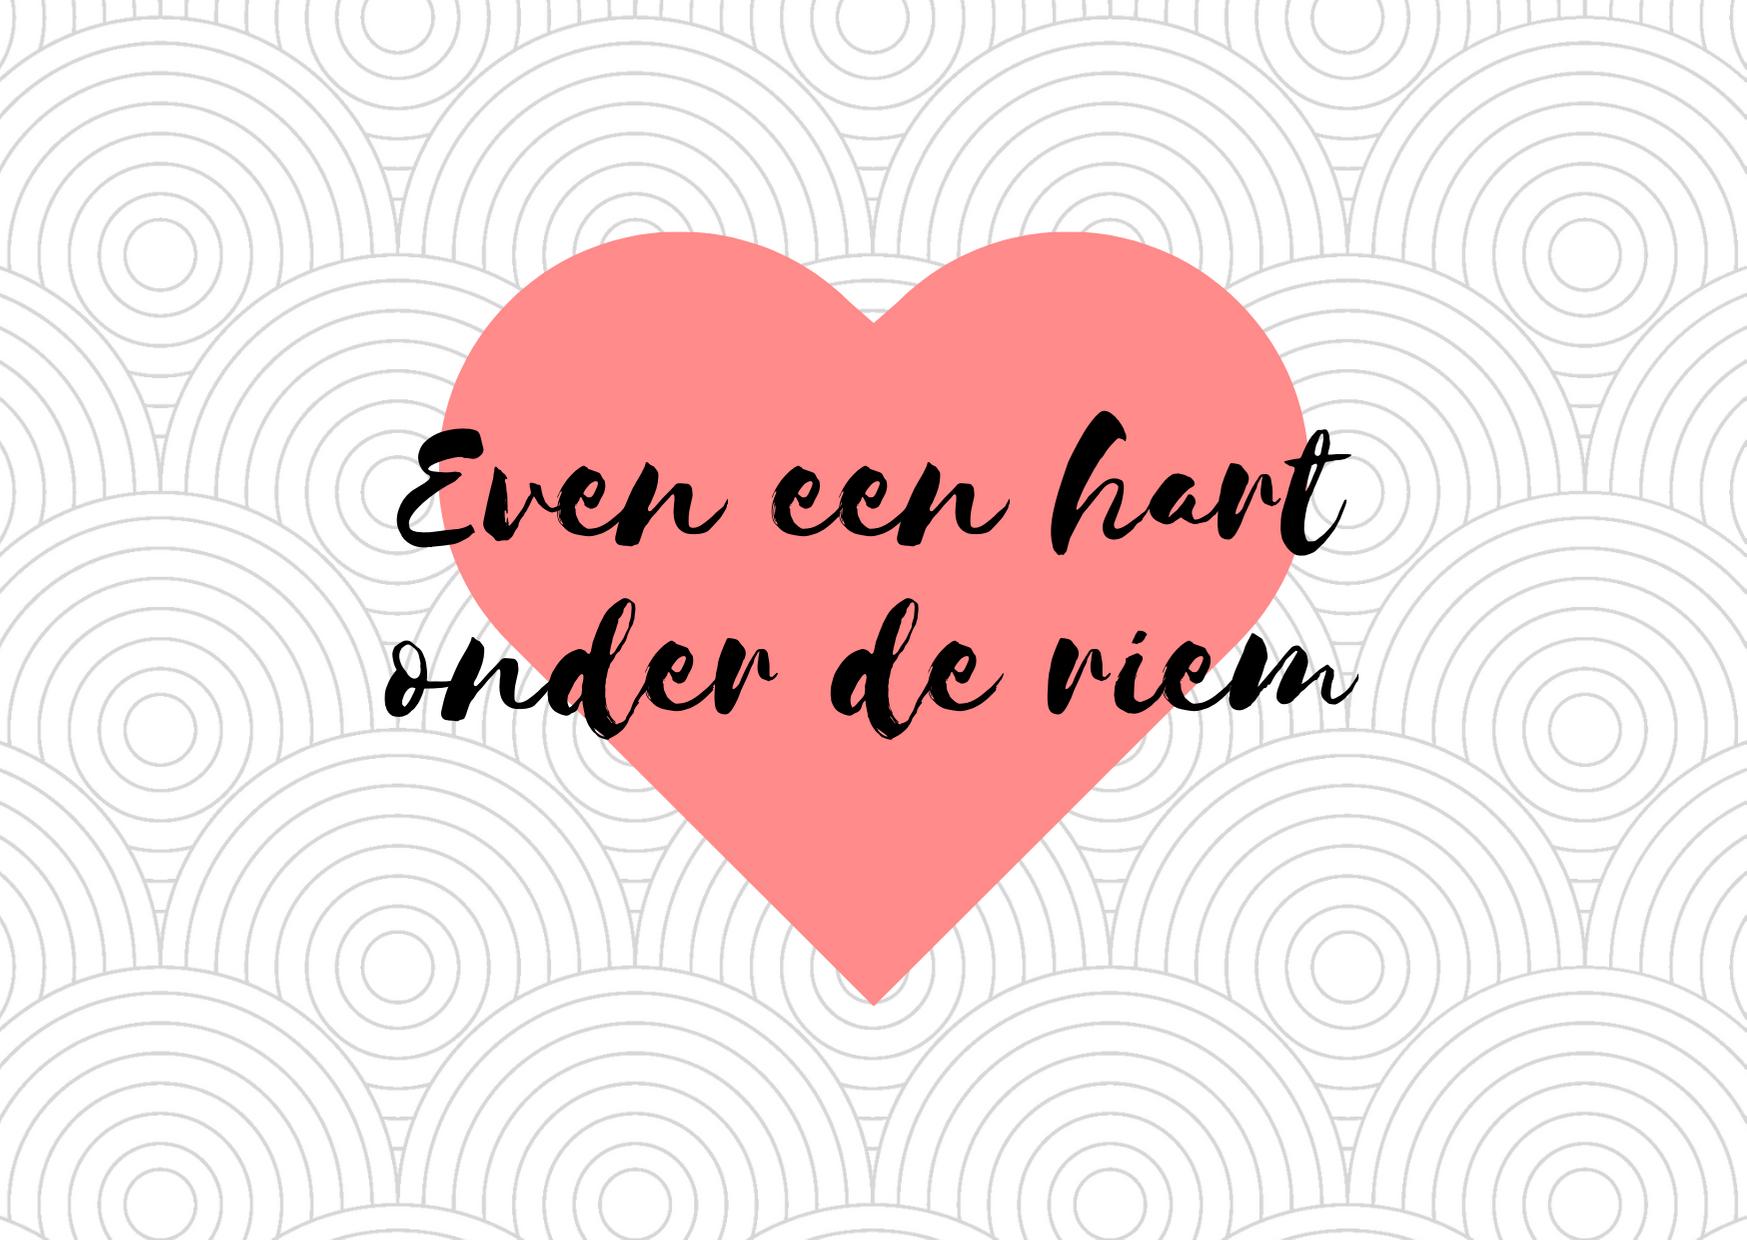 Even een hart onder de riem